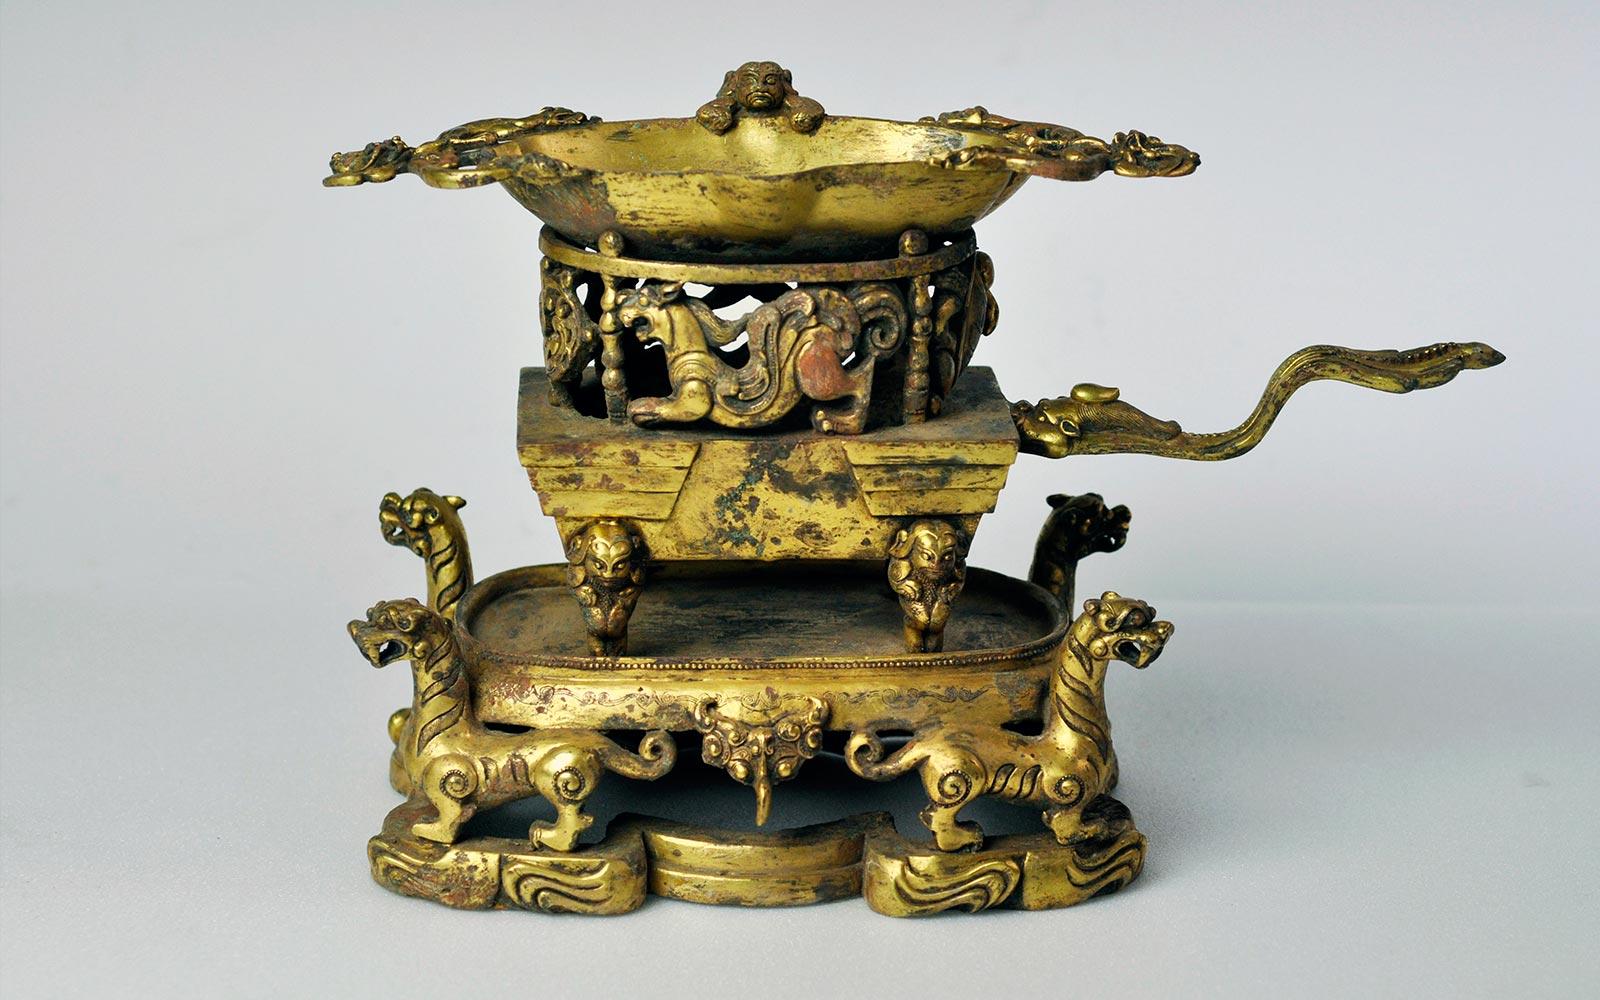 東漢 銅鎏金四神獸爐 Gilt-Bronze Stove with Mythical Beasts and Tiger Stand, Eastern Han dynasty (25-220 CE), h20cm